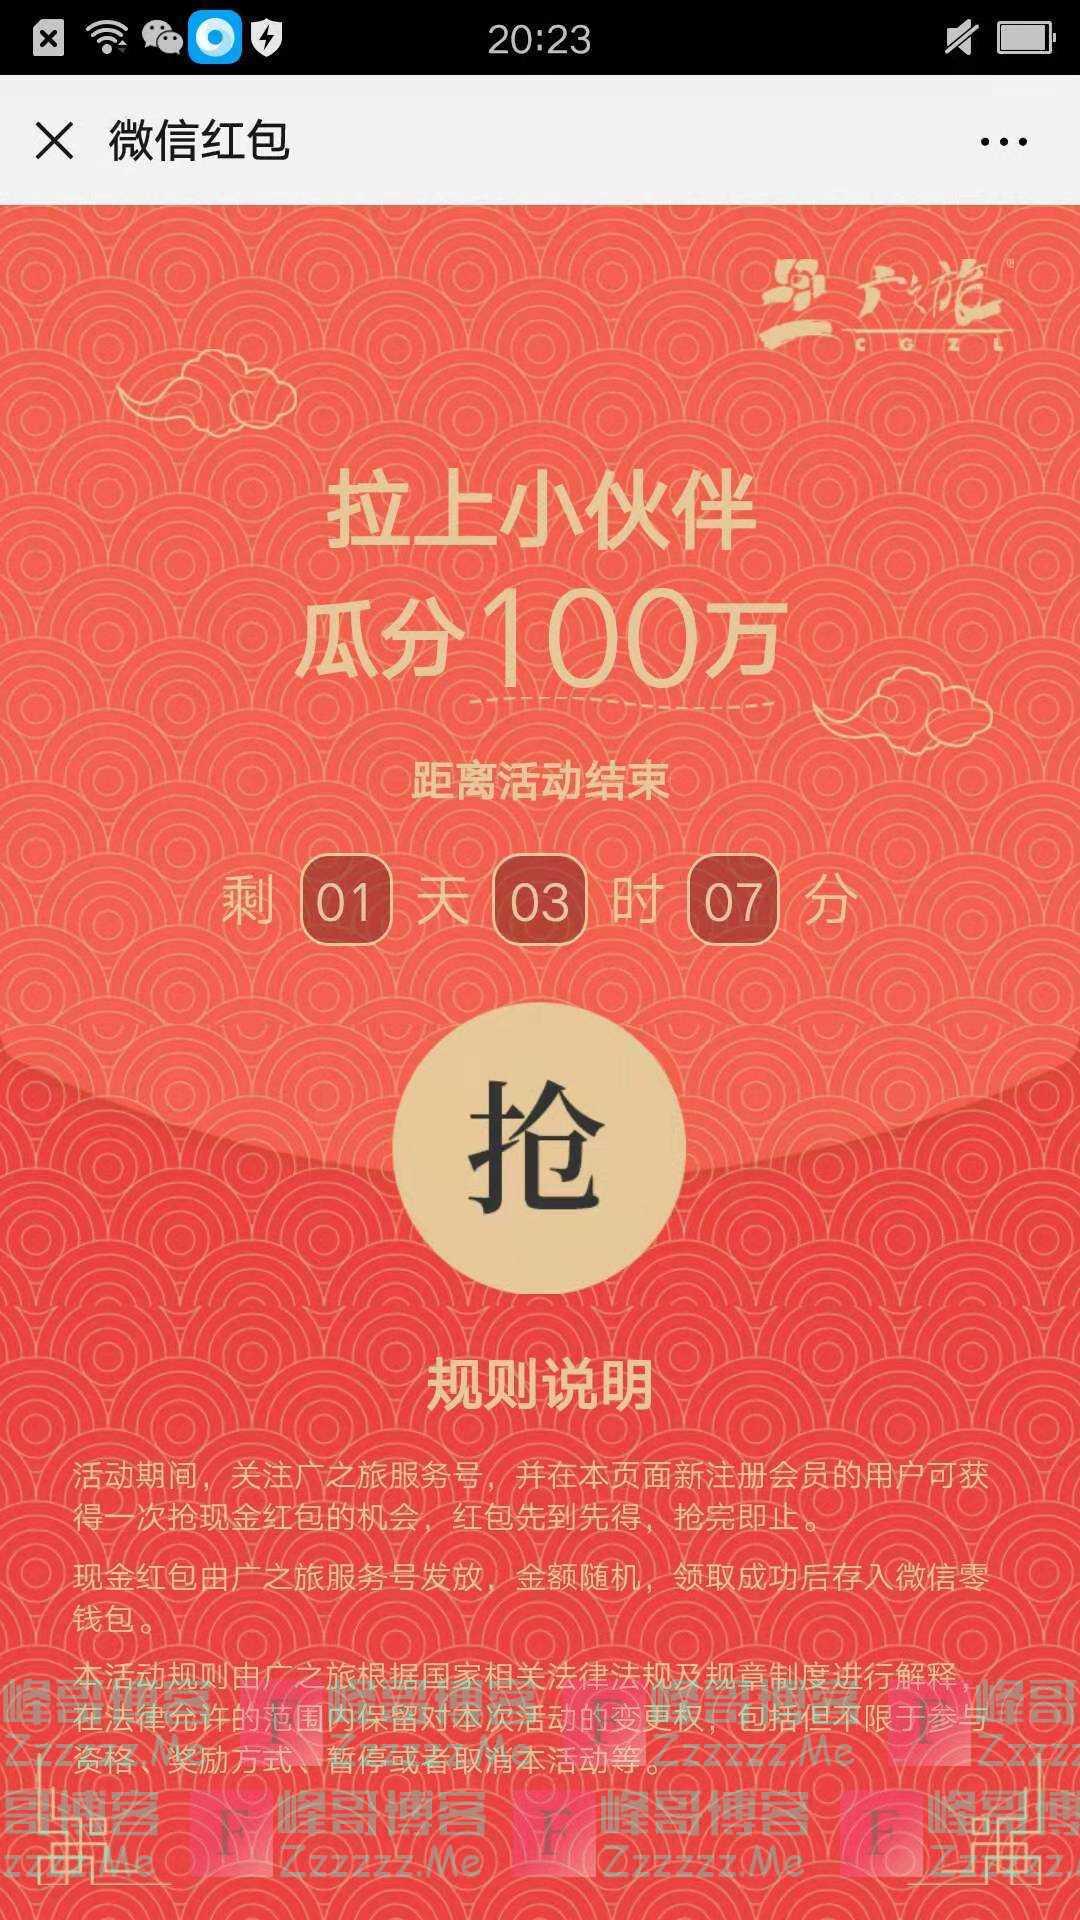 广之旅新一期注册瓜分百万红包(截止9月26日)